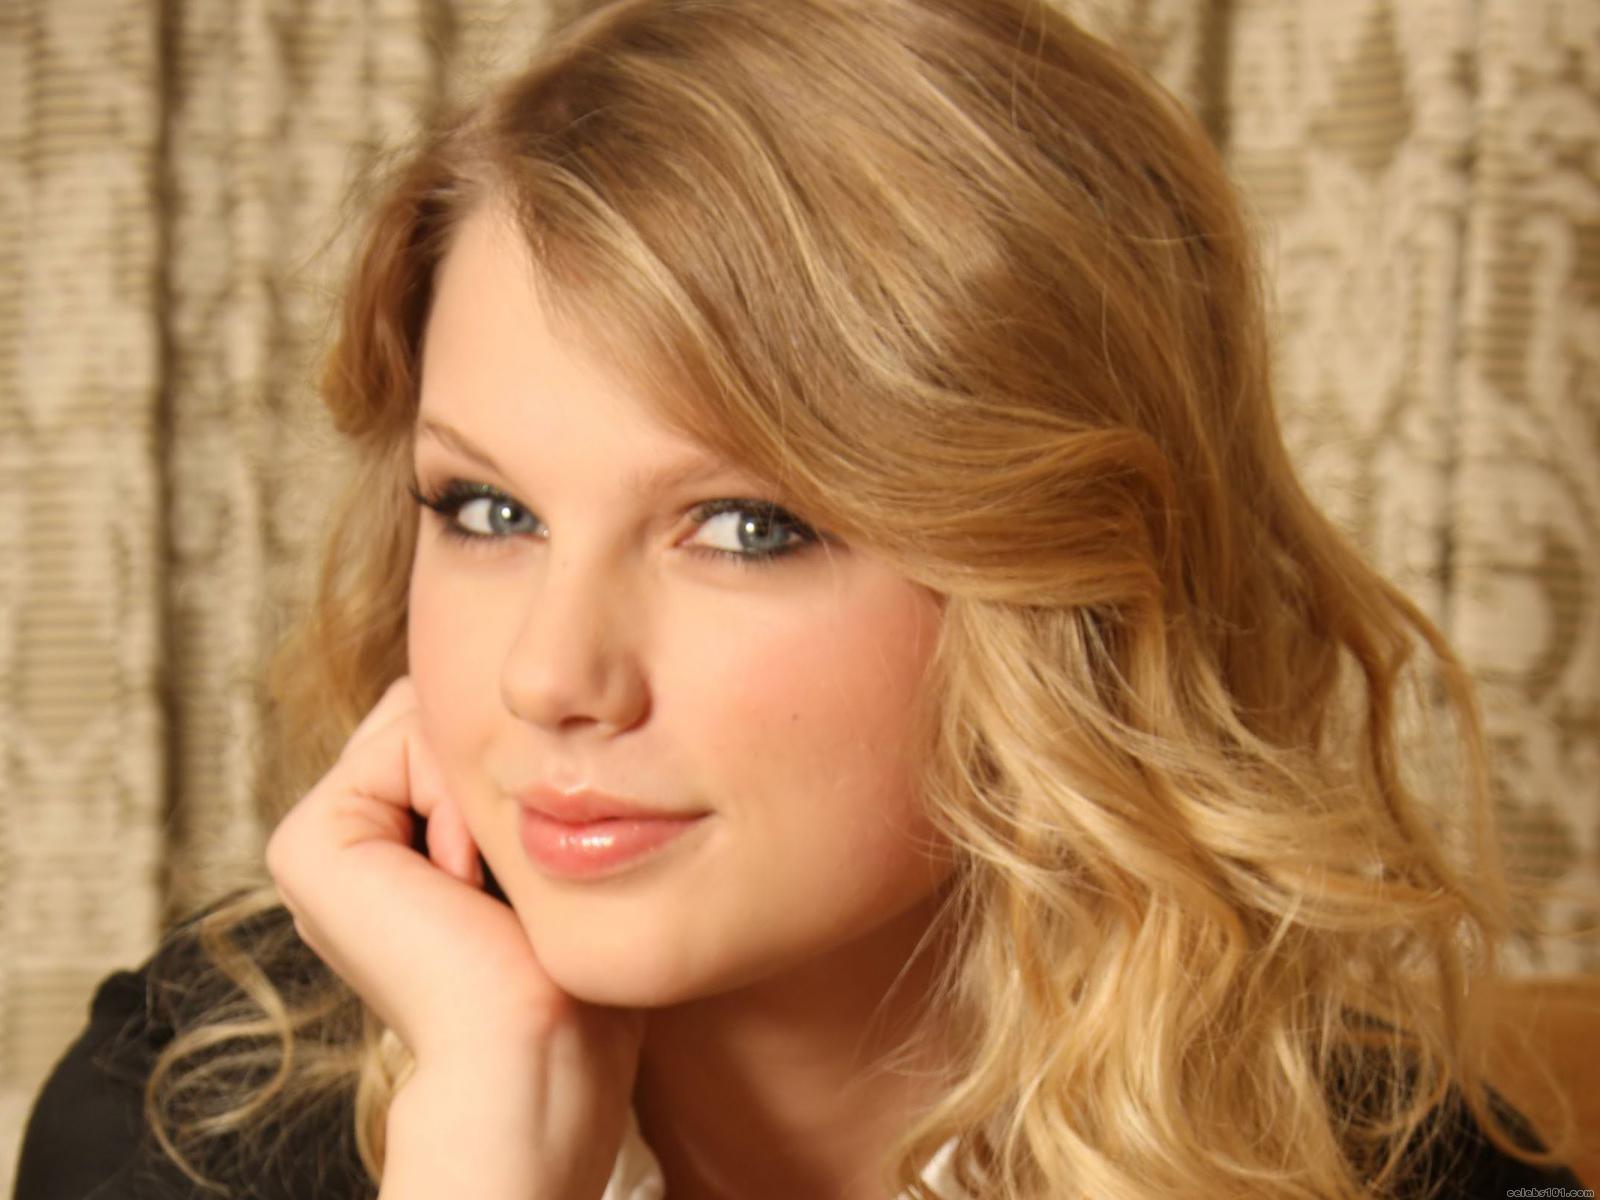 http://1.bp.blogspot.com/-G2HyF2AYmnc/TpXmmst11TI/AAAAAAACLK8/HwoFYApCSlc/s1600/Taylor+Swift%252C.jpg